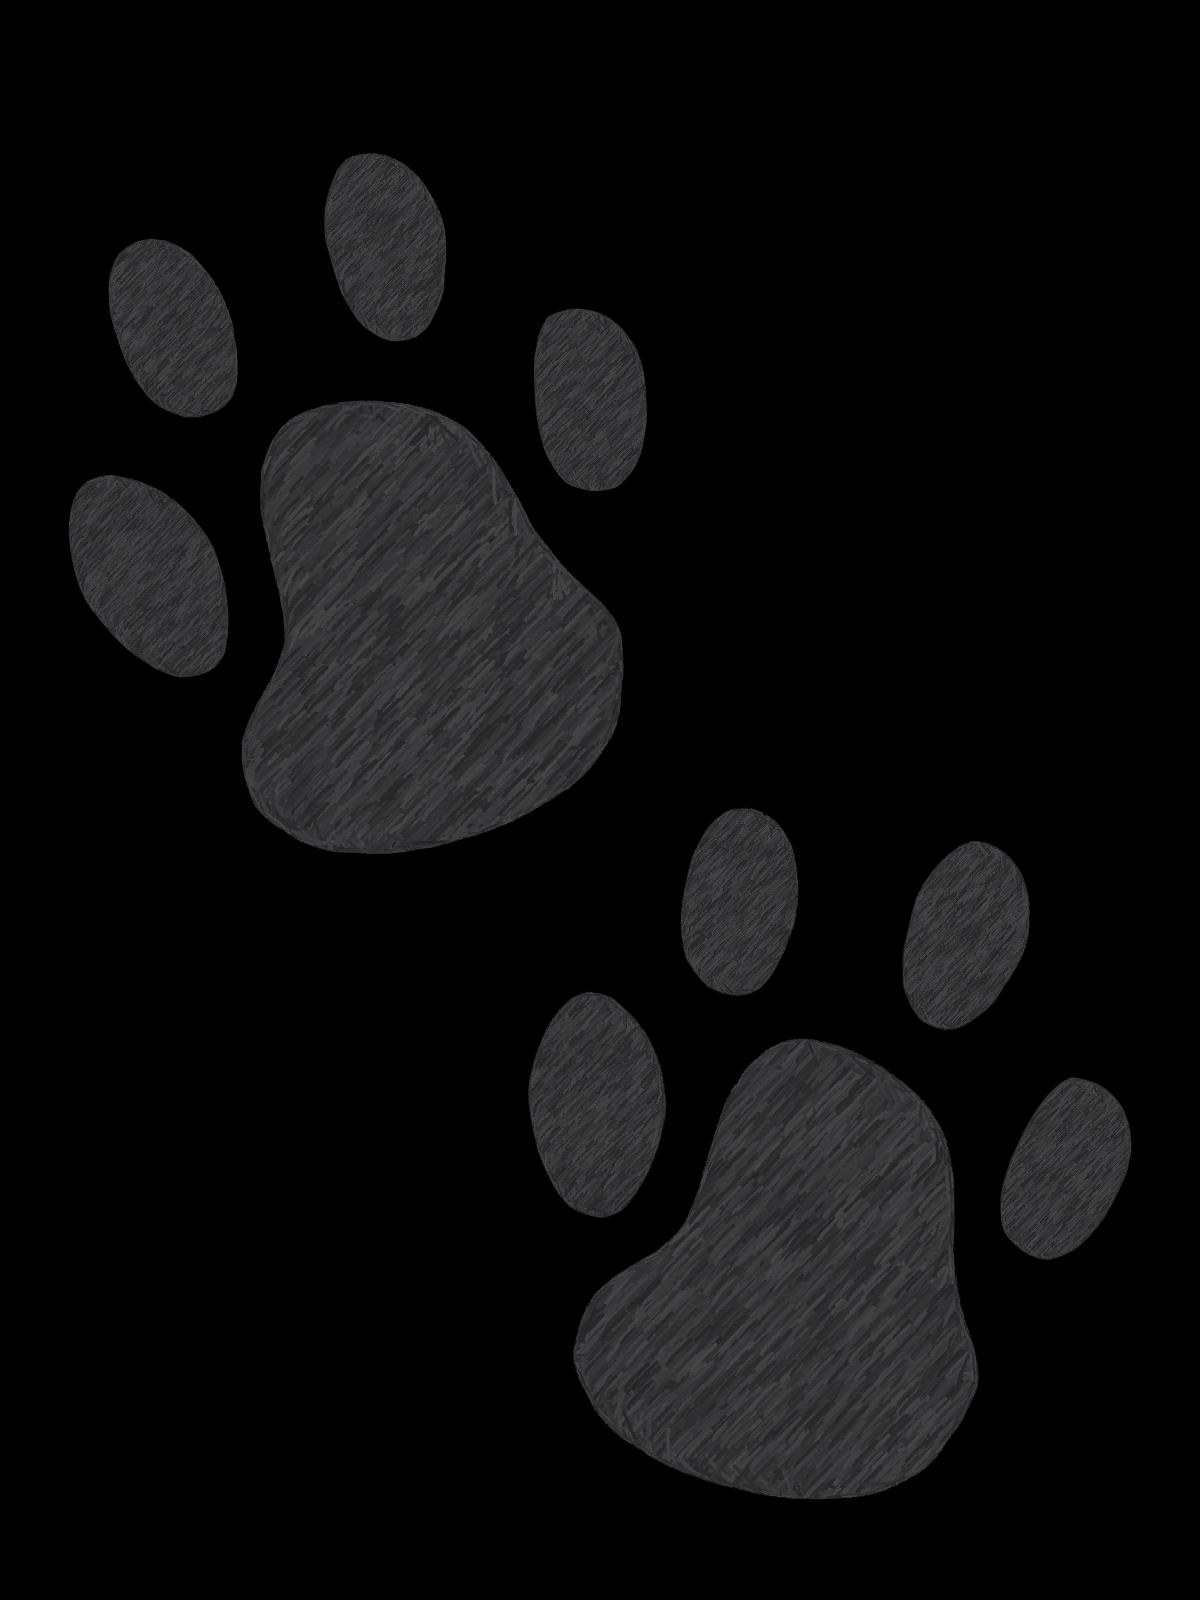 Clip art by carrie. Pet clipart doodles